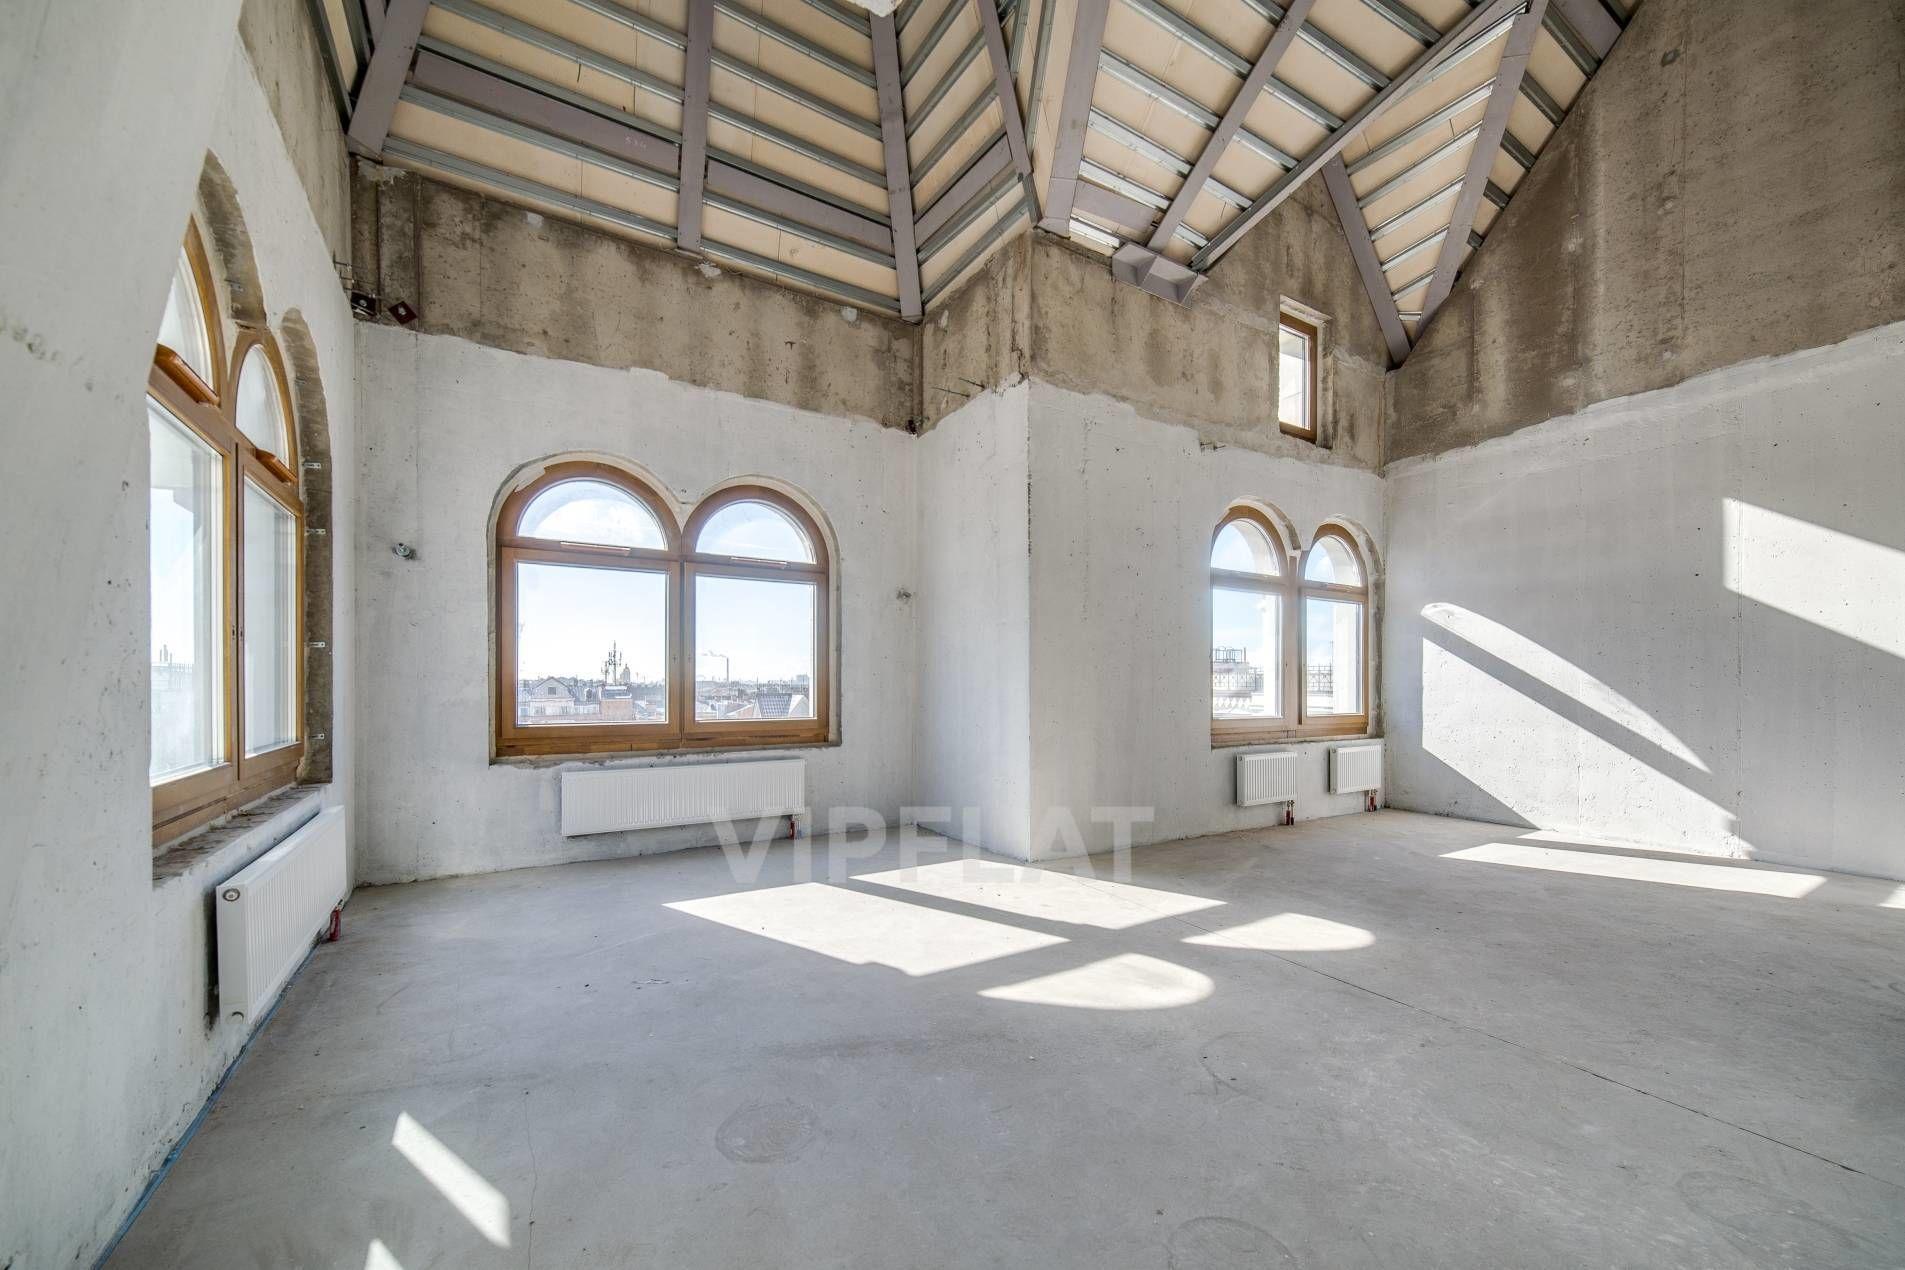 Продажа элитных квартир Санкт-Петербурга. Басков пер., 2 Арочные окна и потолки до 8 метров